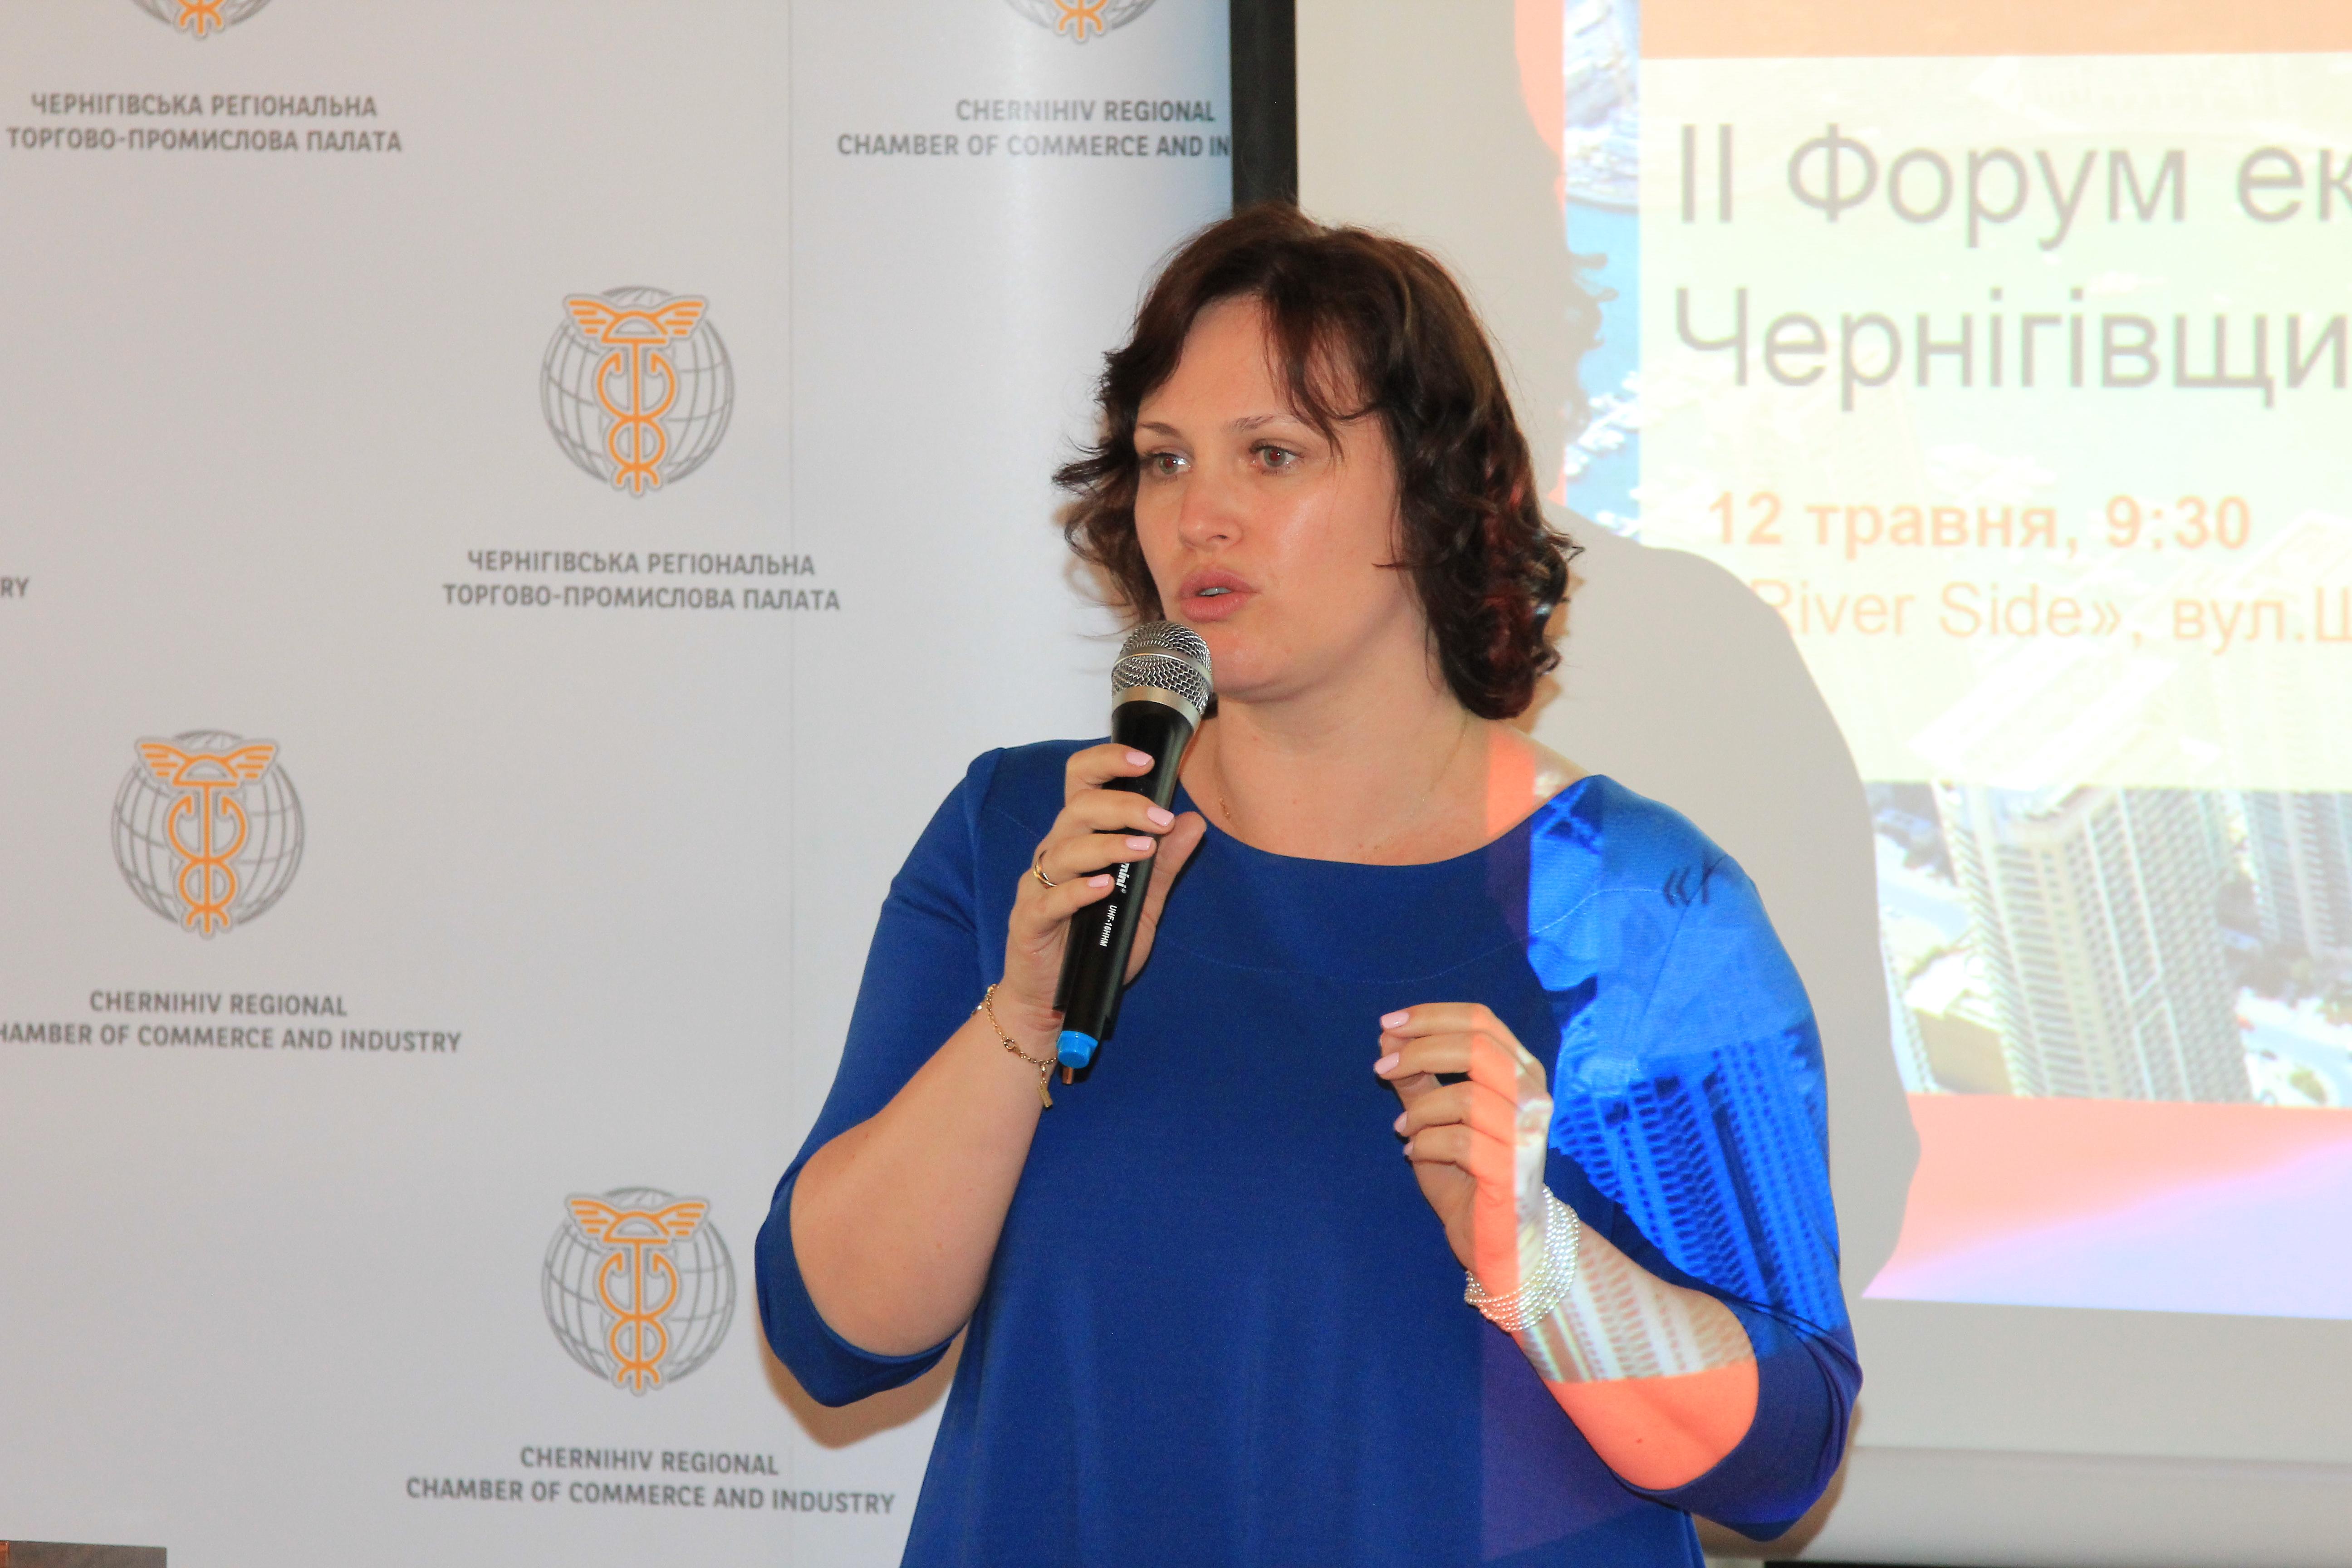 Экспорт — экономическая национальная идея Украины